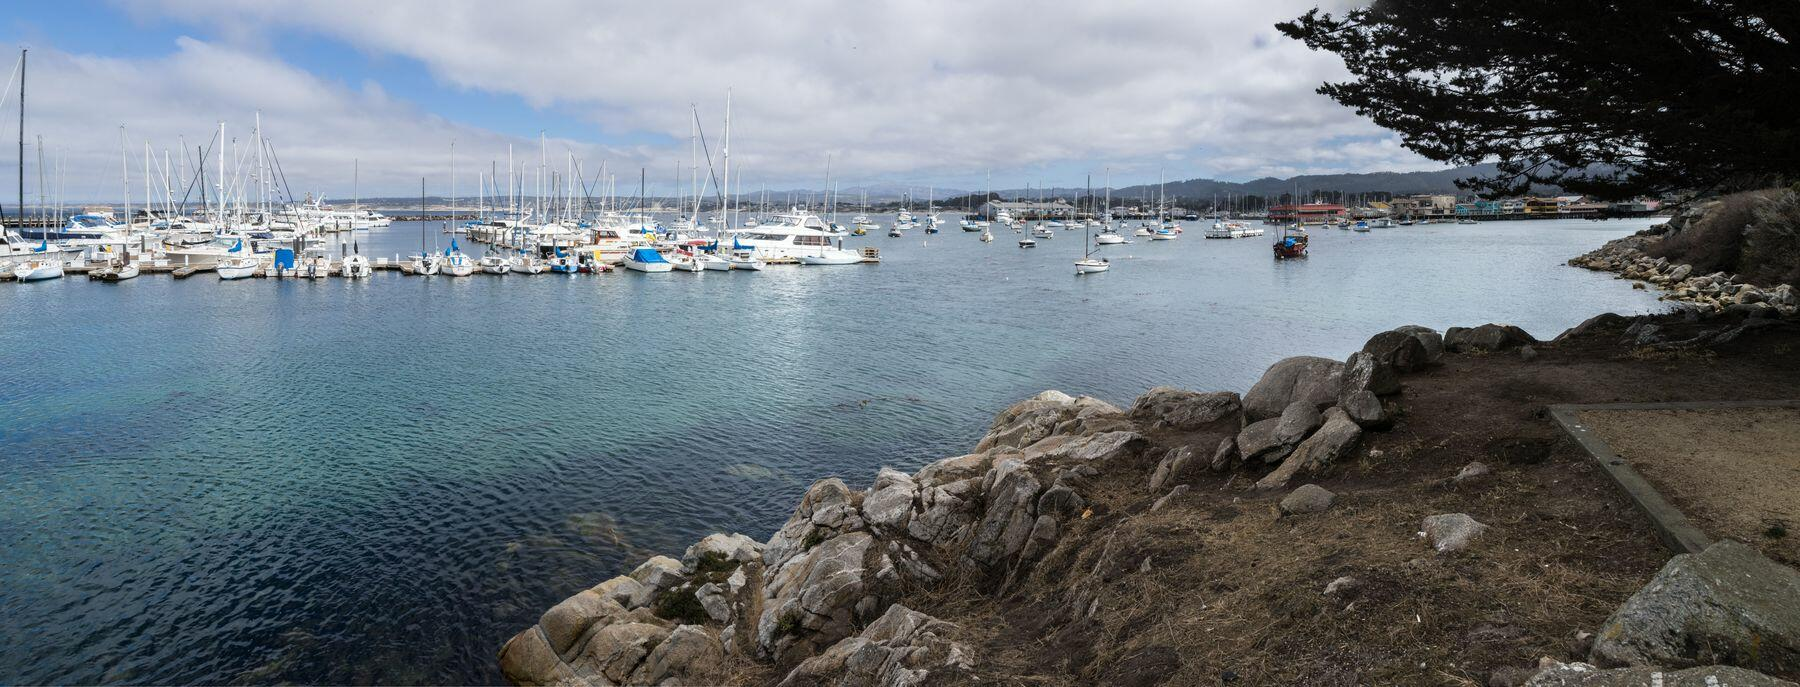 Monterey Anchorage near The Monterey Hotel